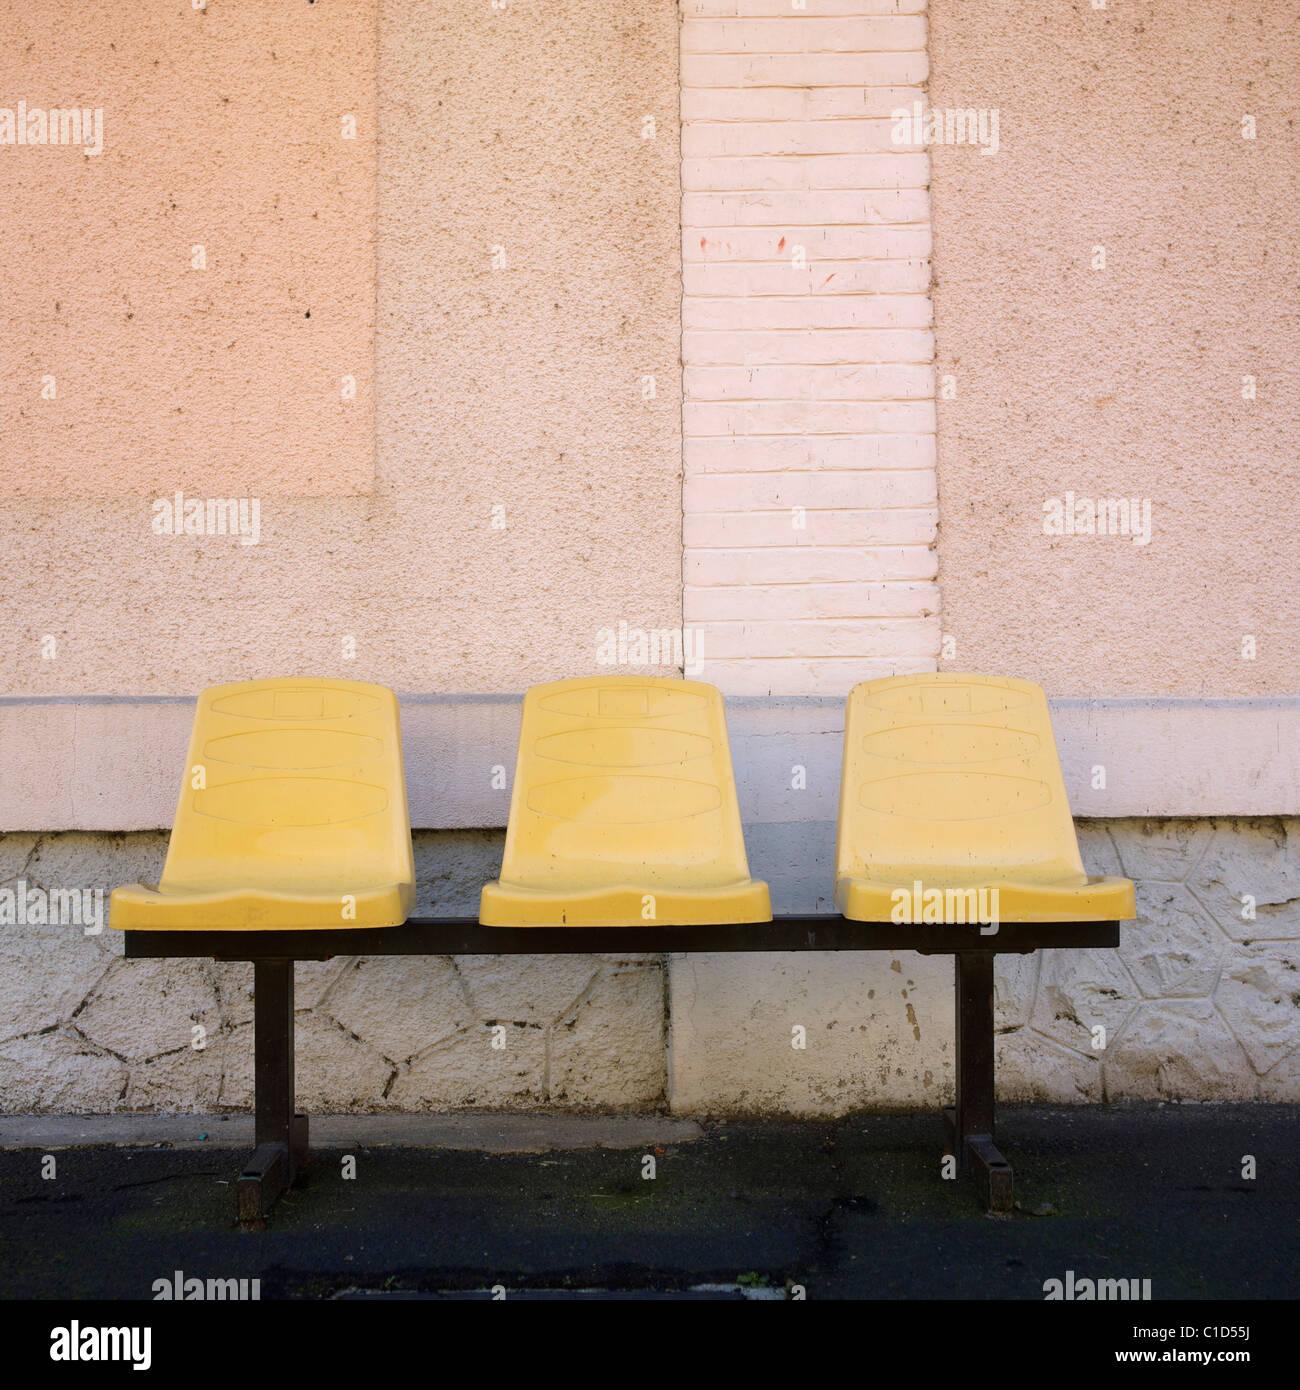 Tre sedi in una stazione Immagini Stock